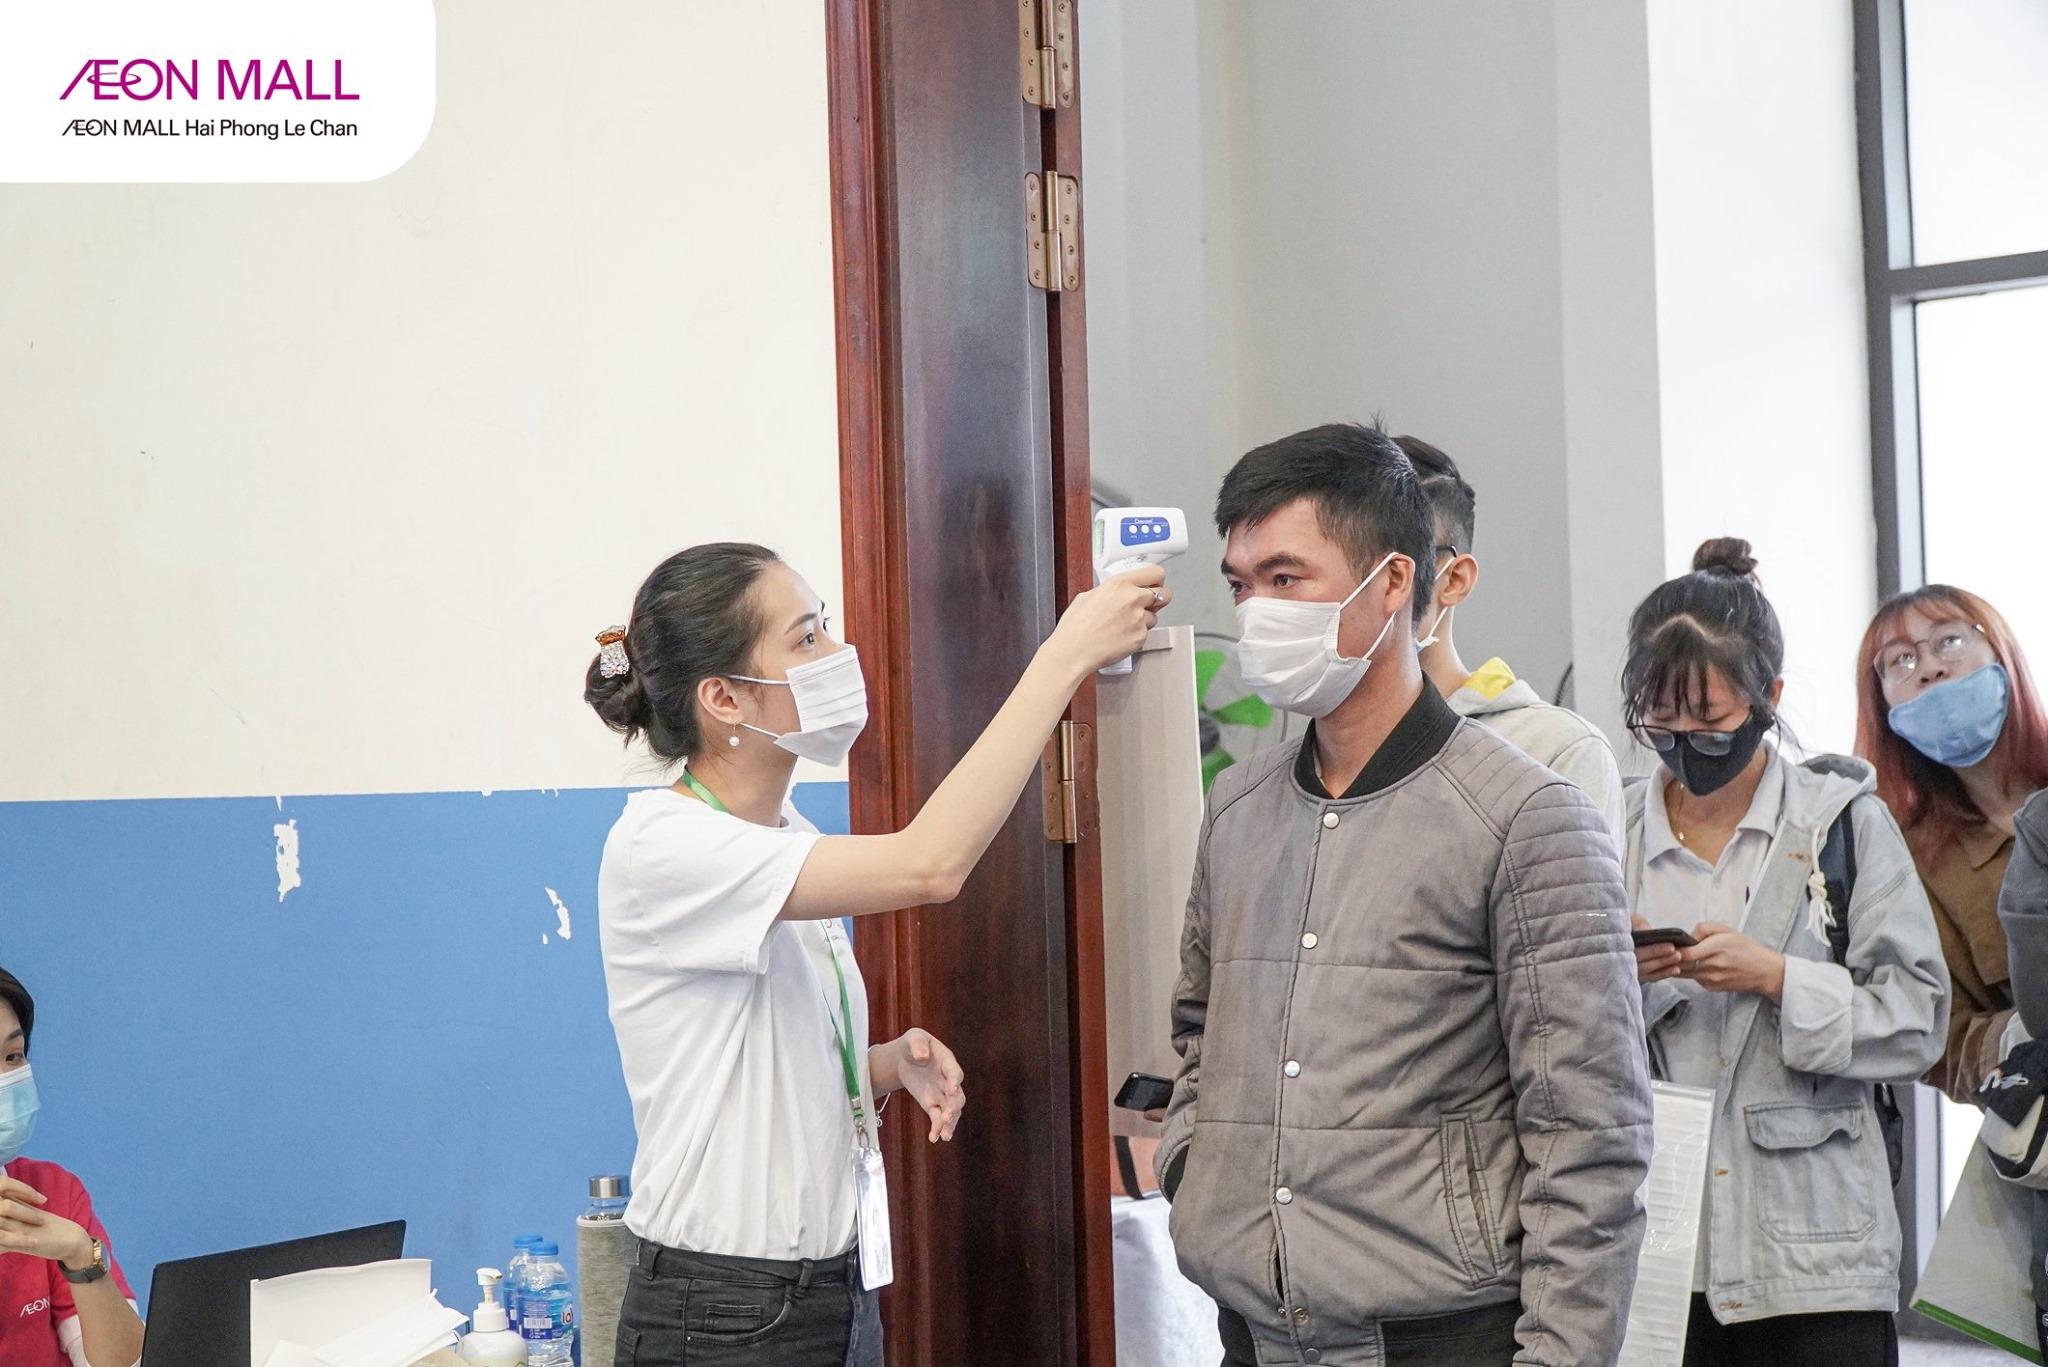 AEON MALL Hải Phòng Lê Chân tuyển dụng 3